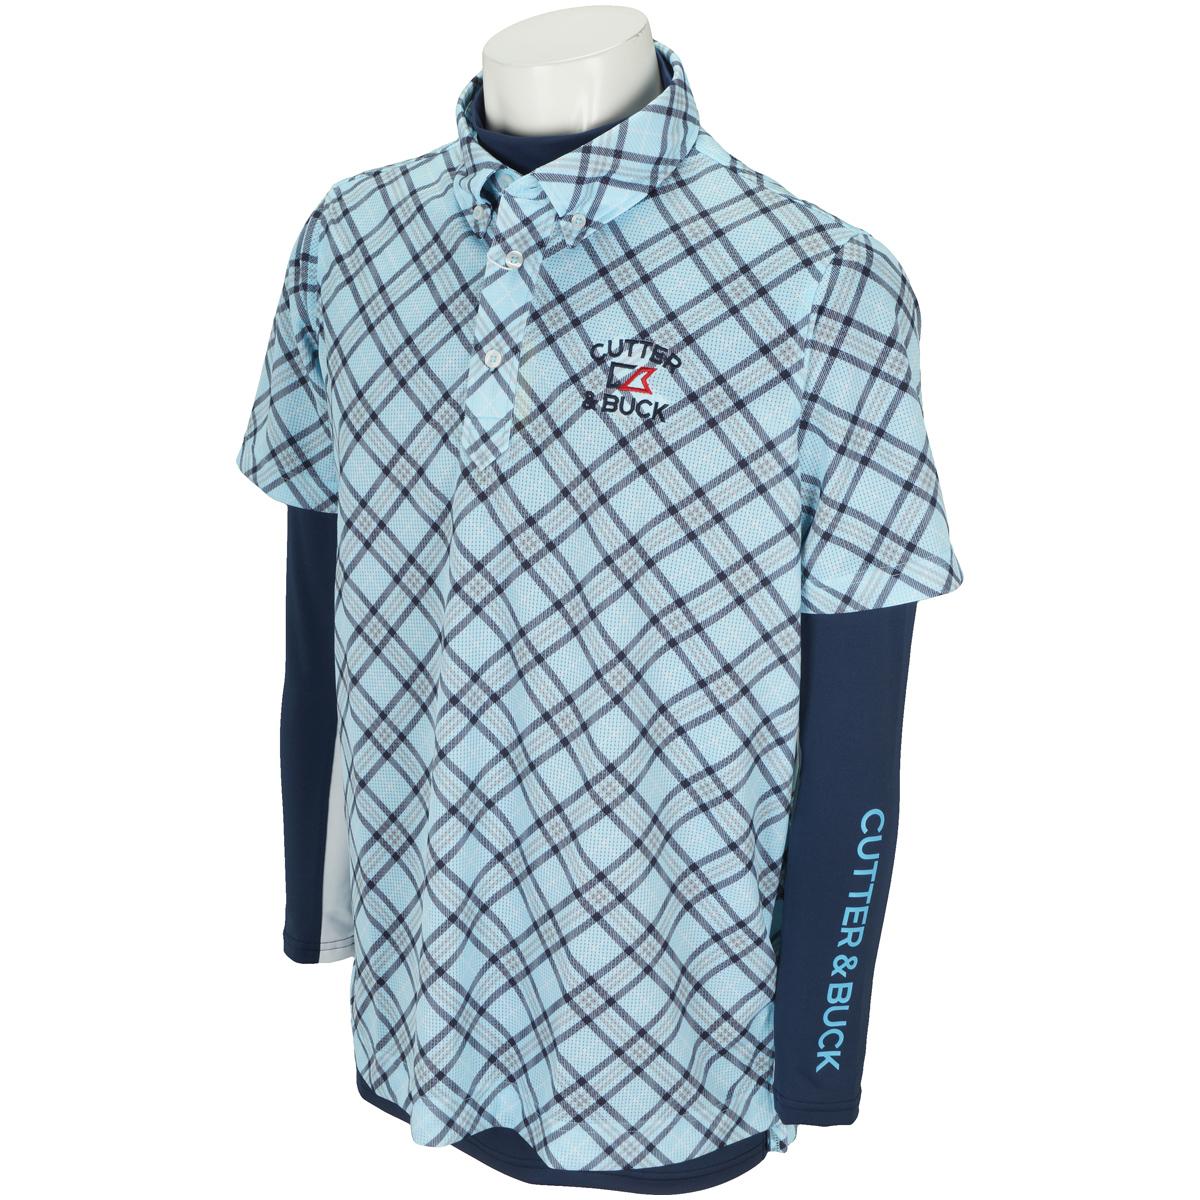 ストレッチ メッシュプリント長袖アンダーシャツ付き半袖ポロシャツ